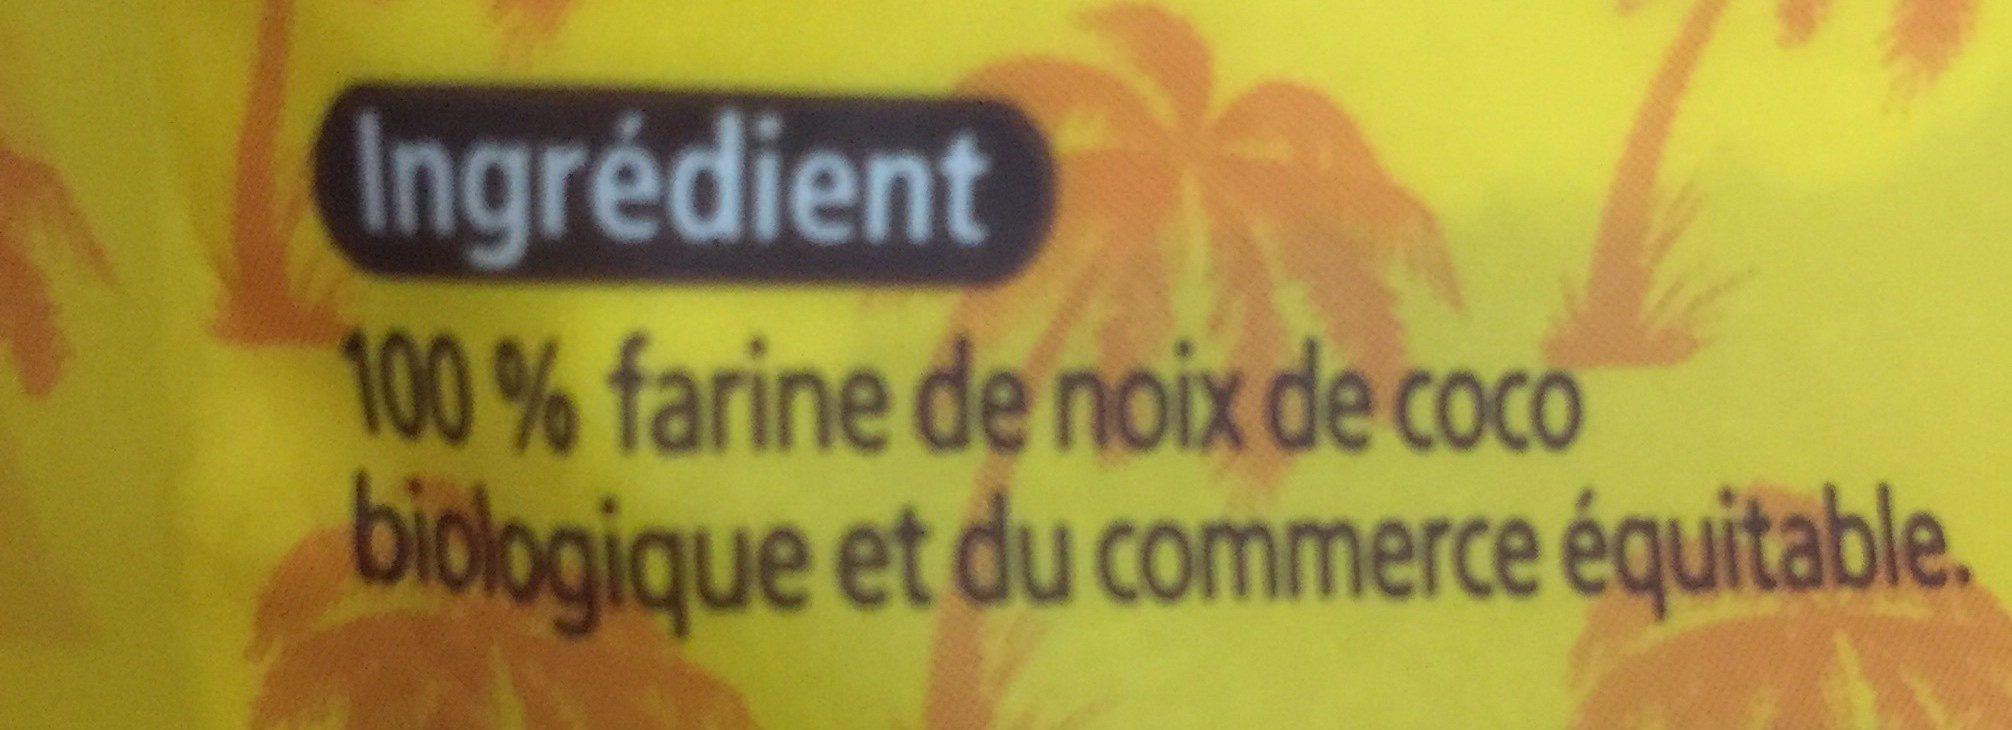 Farine de coco non raffinée - Ingrédients - fr